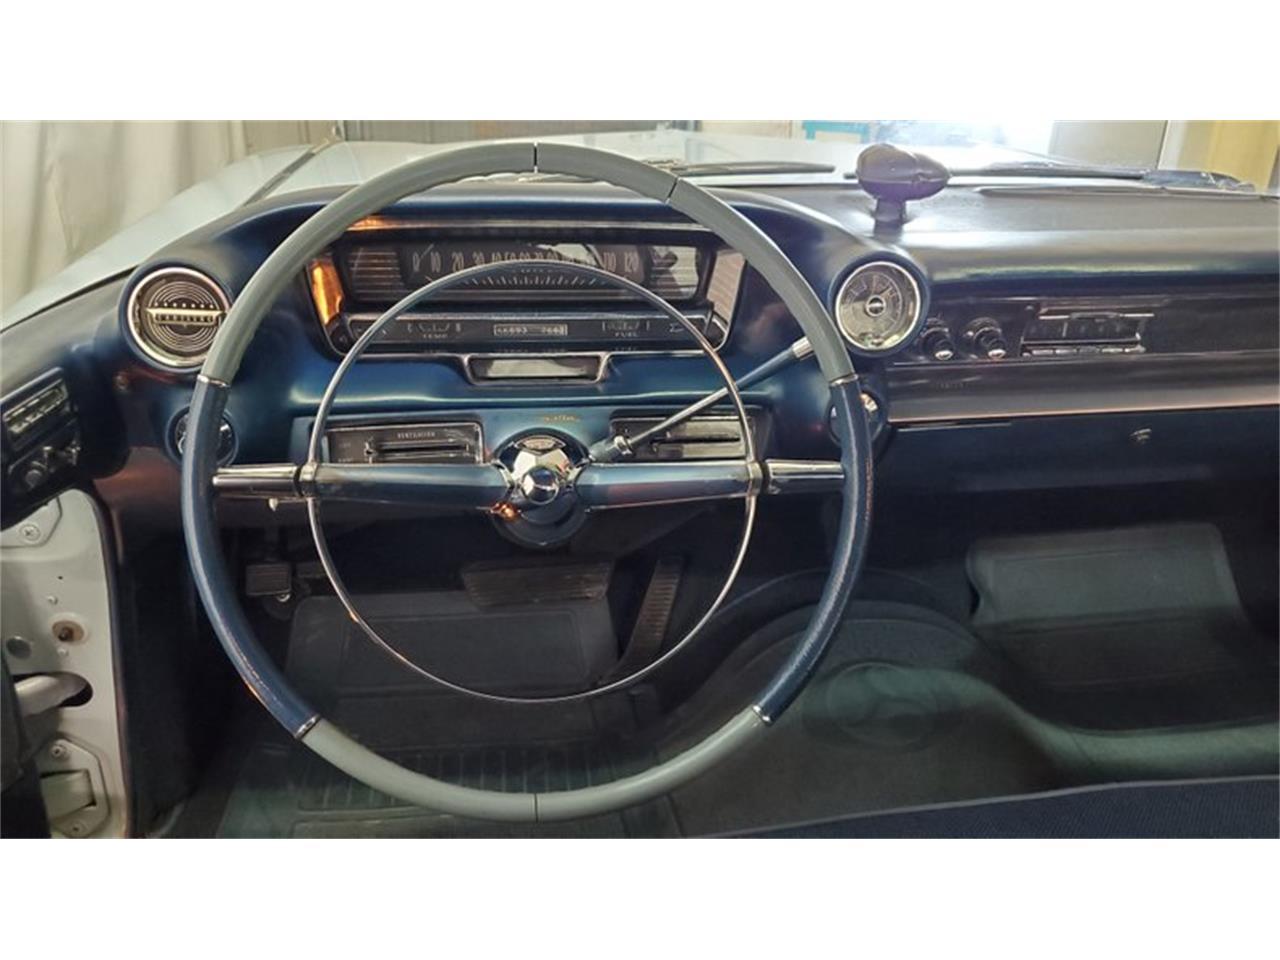 1959 Cadillac Coupe (CC-1296966) for sale in Mankato, Minnesota